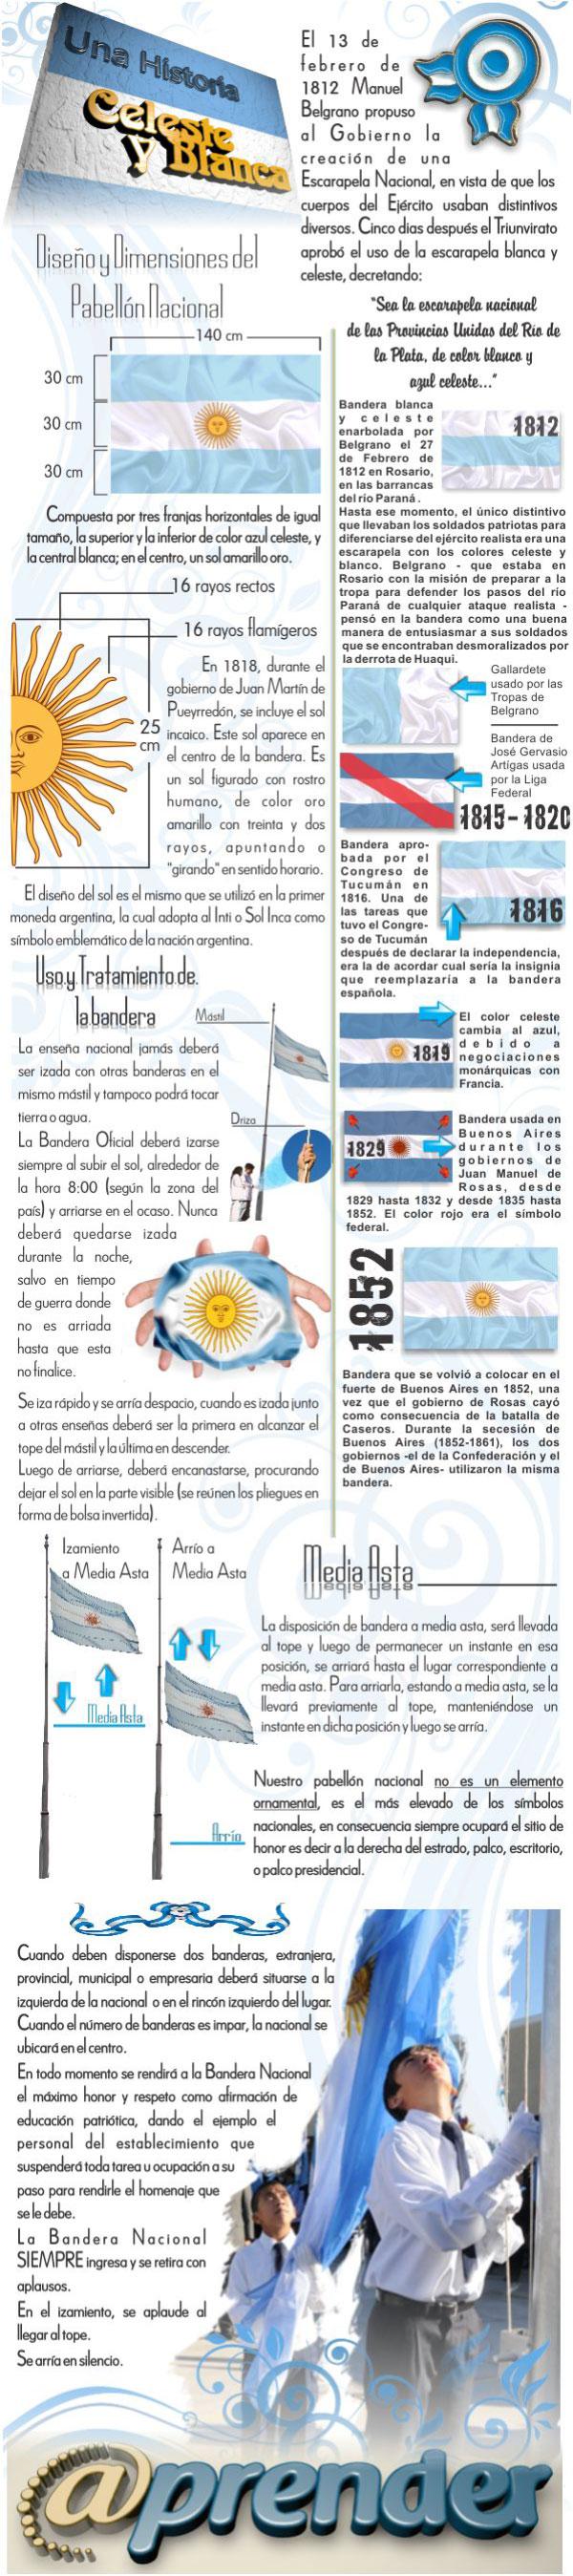 Historia de la bandera argentina